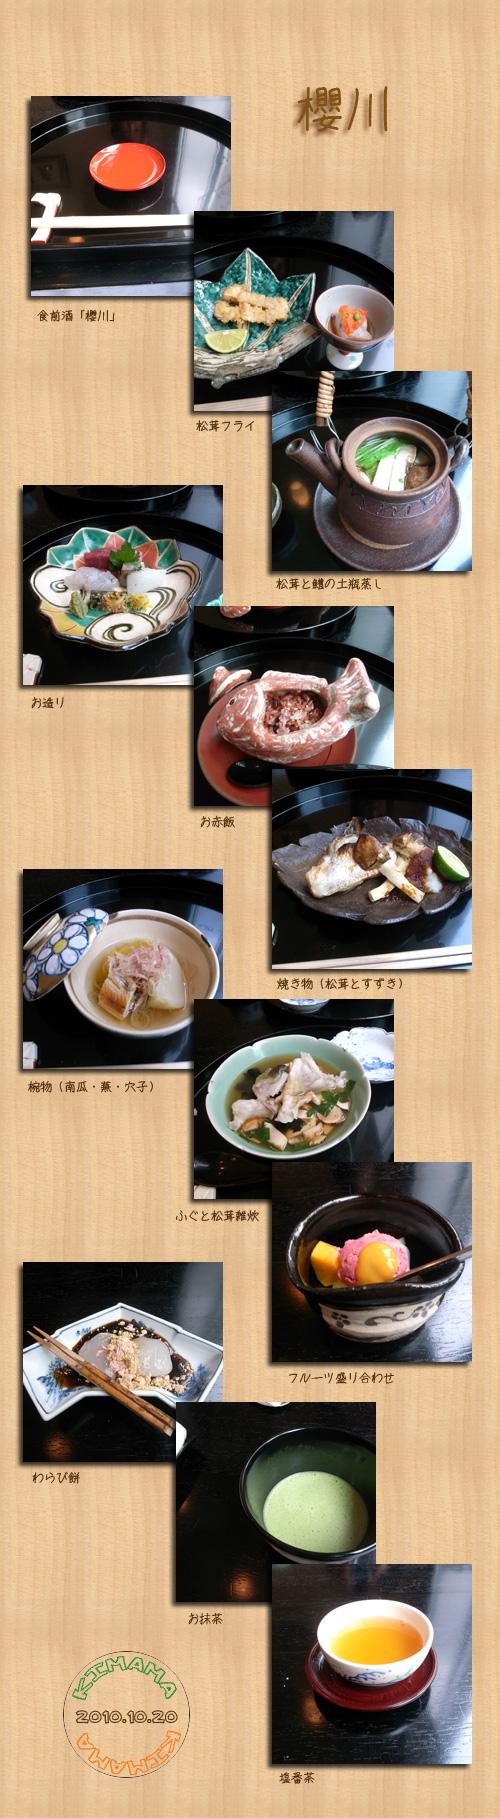 10月23日櫻川